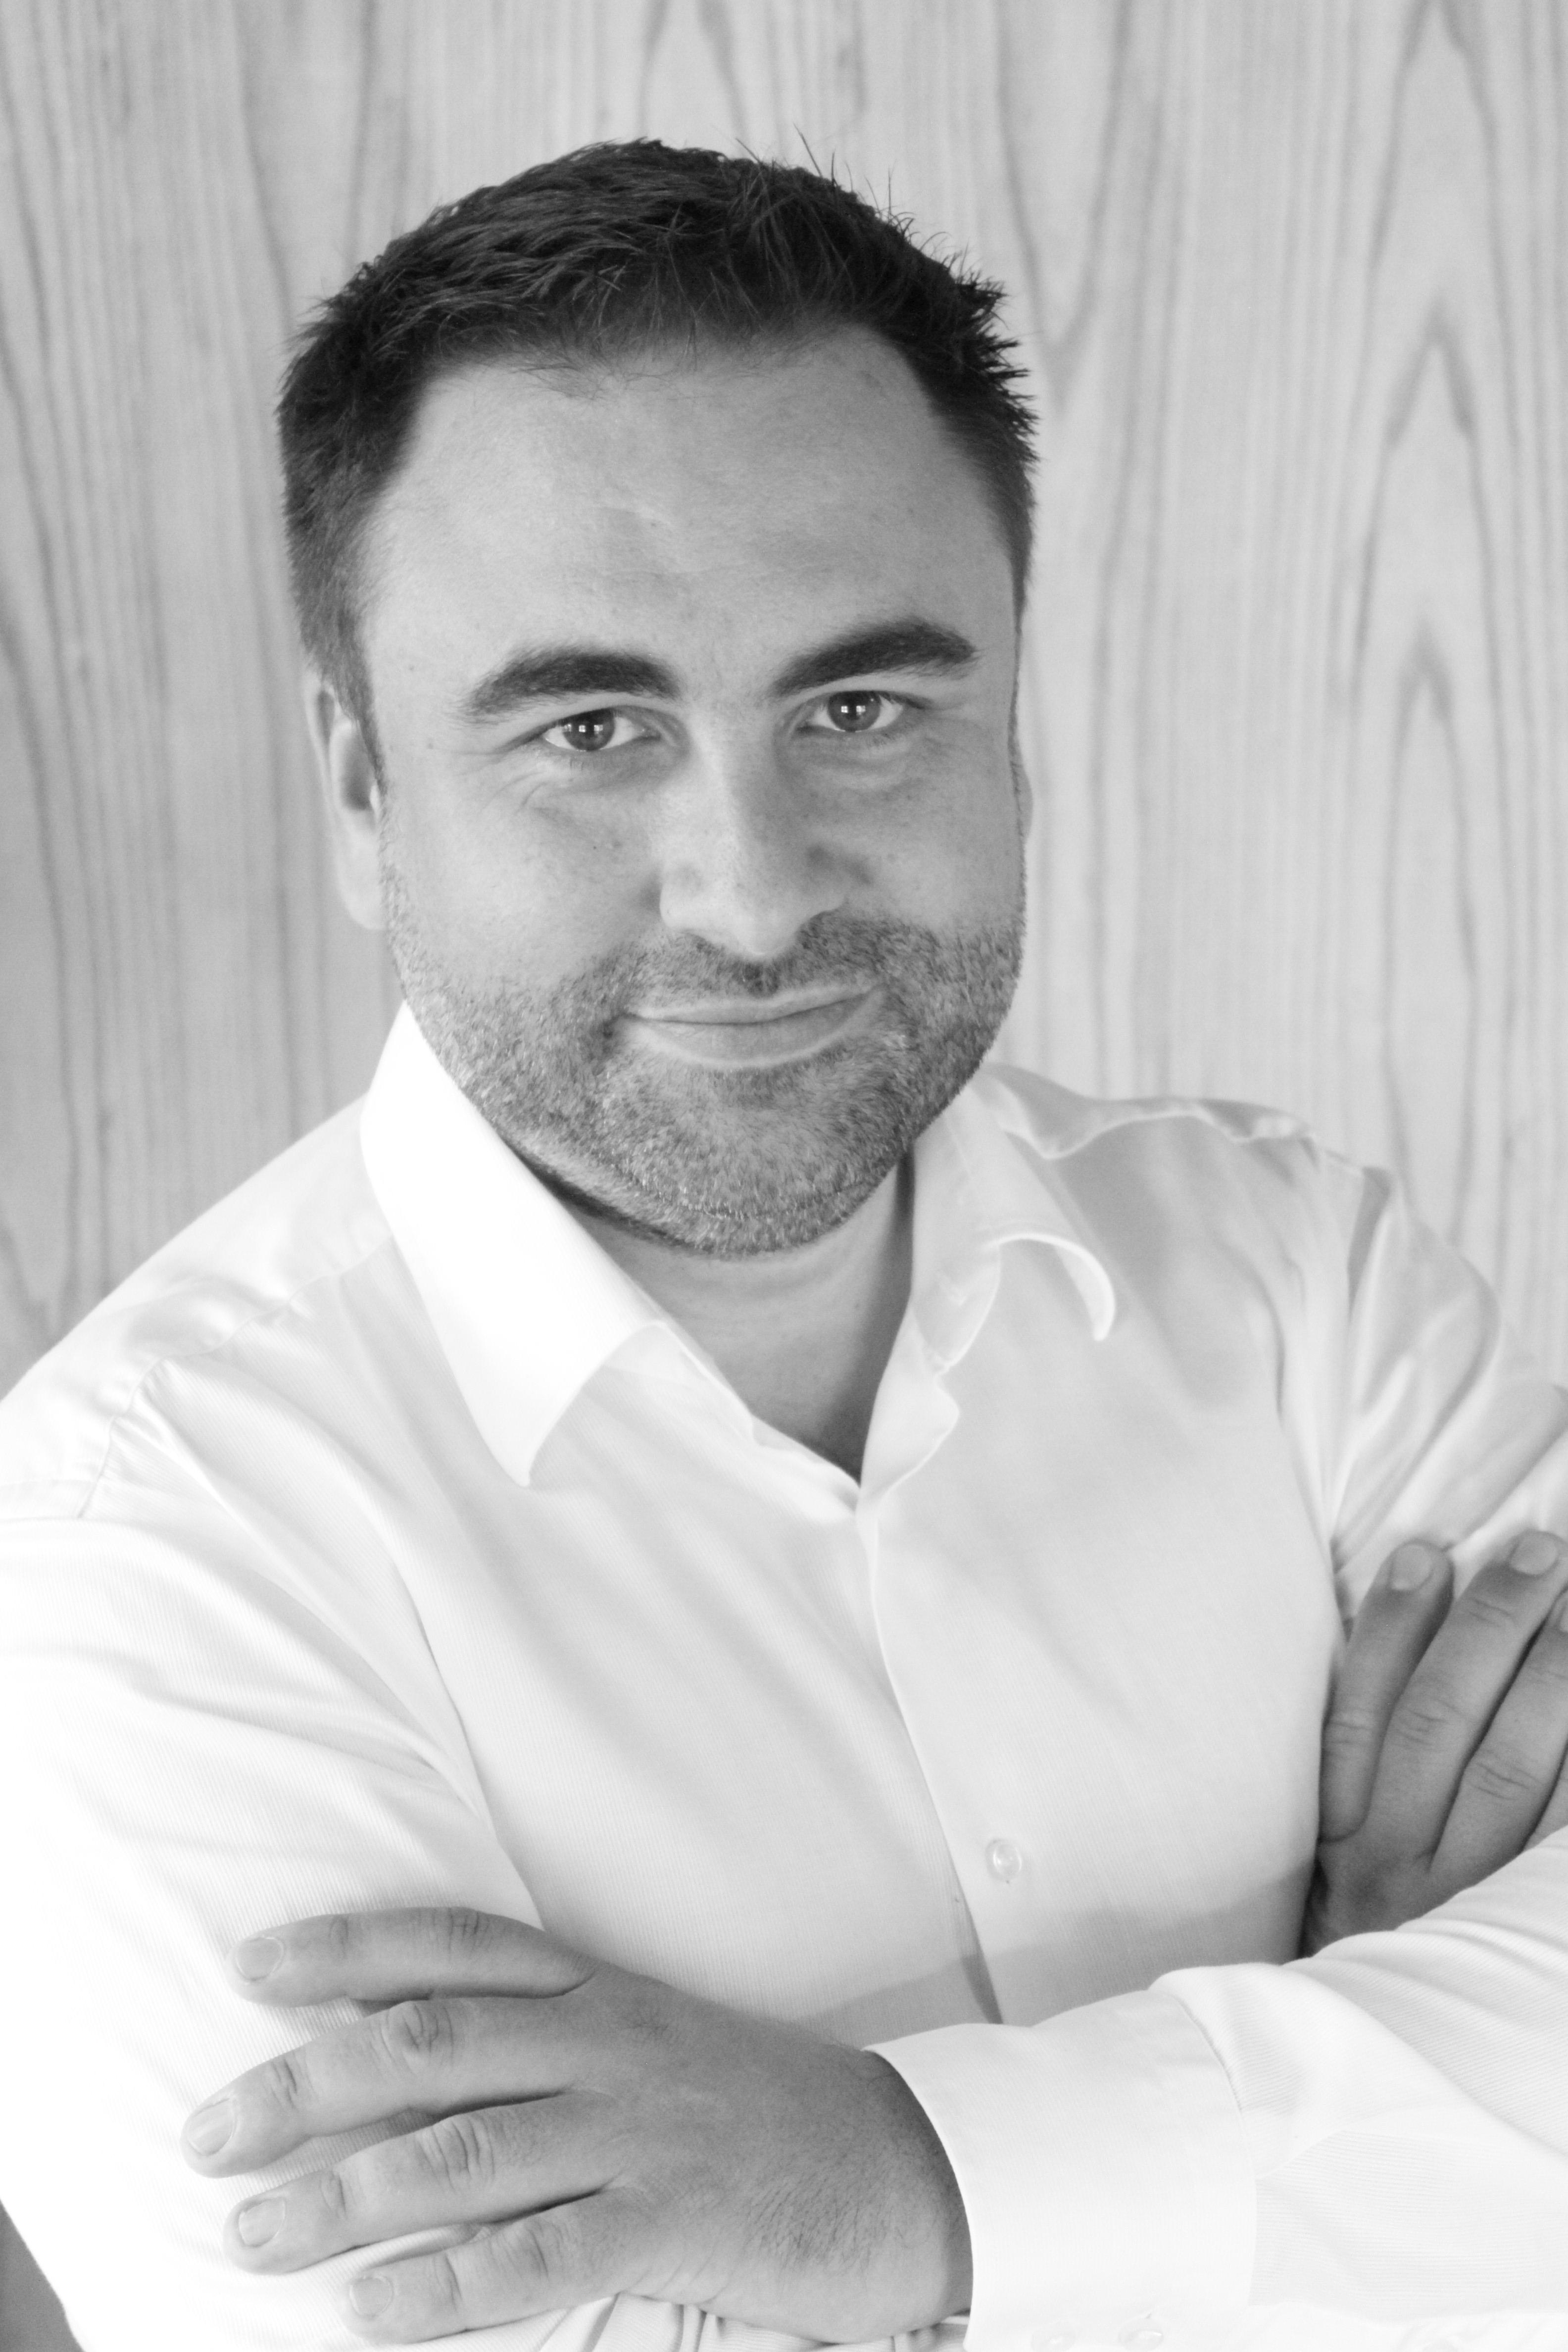 Marco Samek